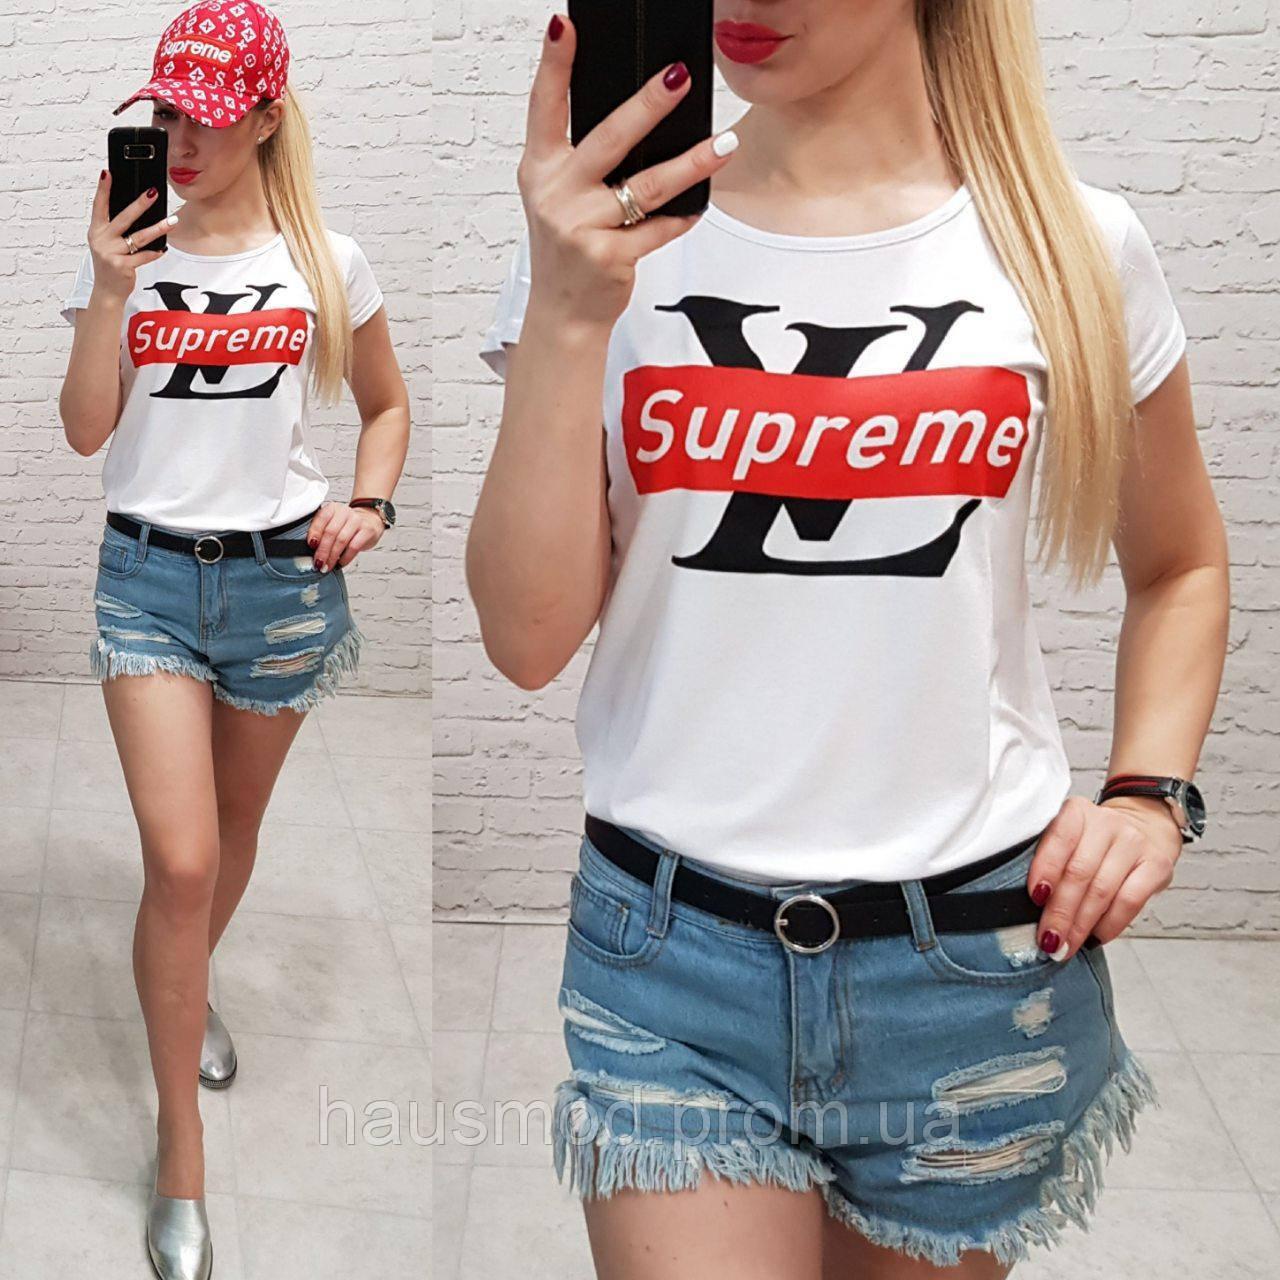 Женская футболка летняя реплика Supreme качество турция цвет белый